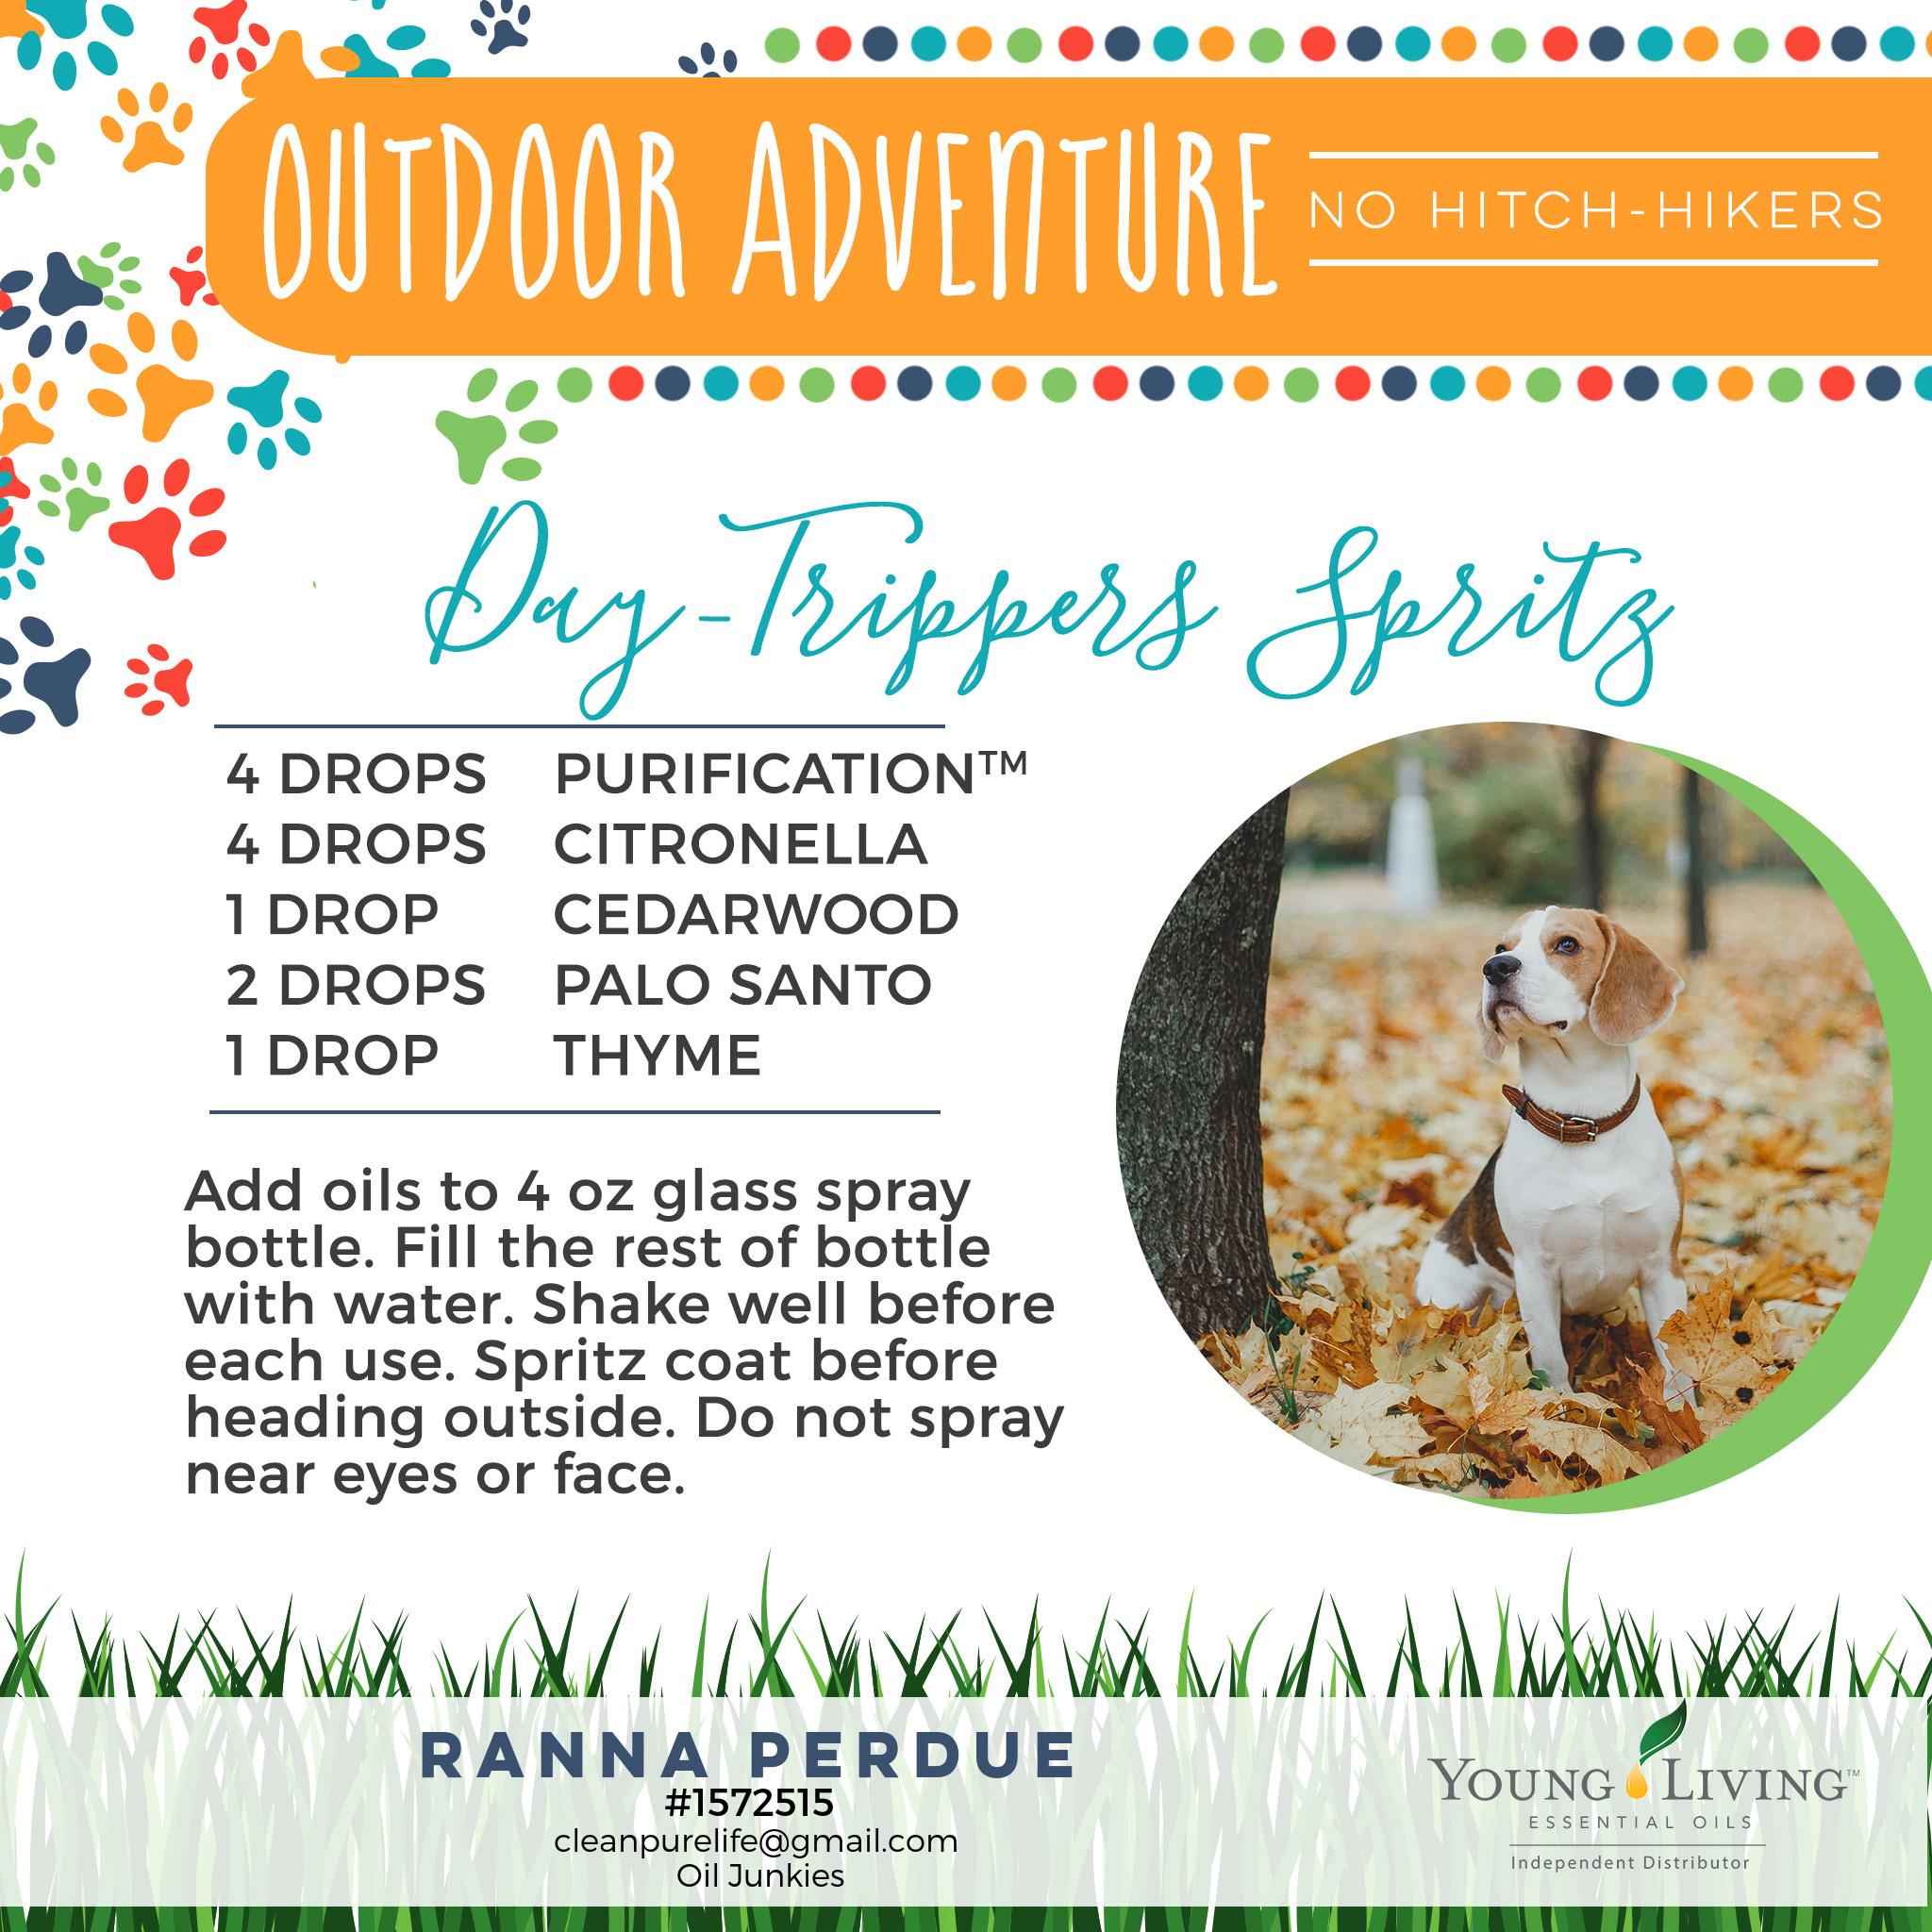 30-Dogs-Outdoor-Adventure